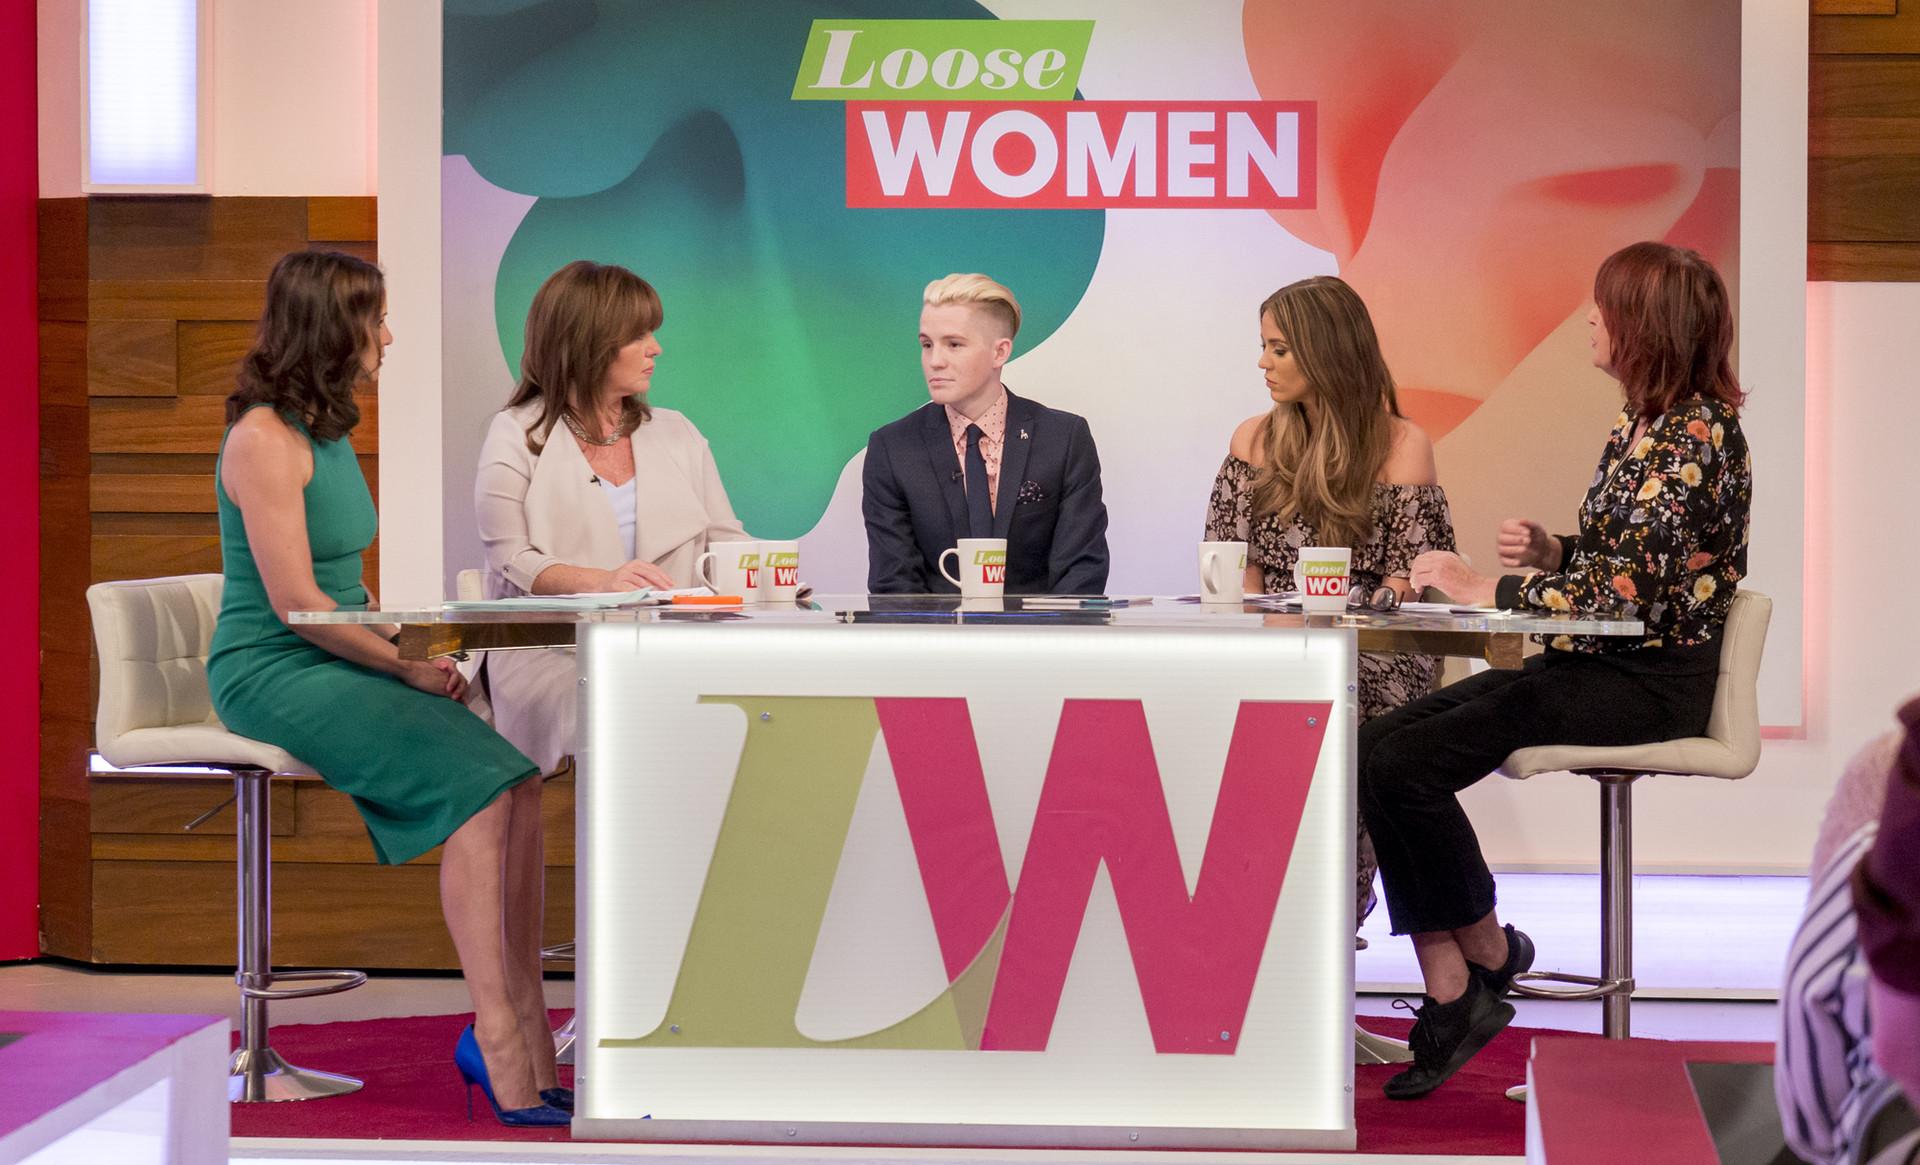 Loose Women 2016